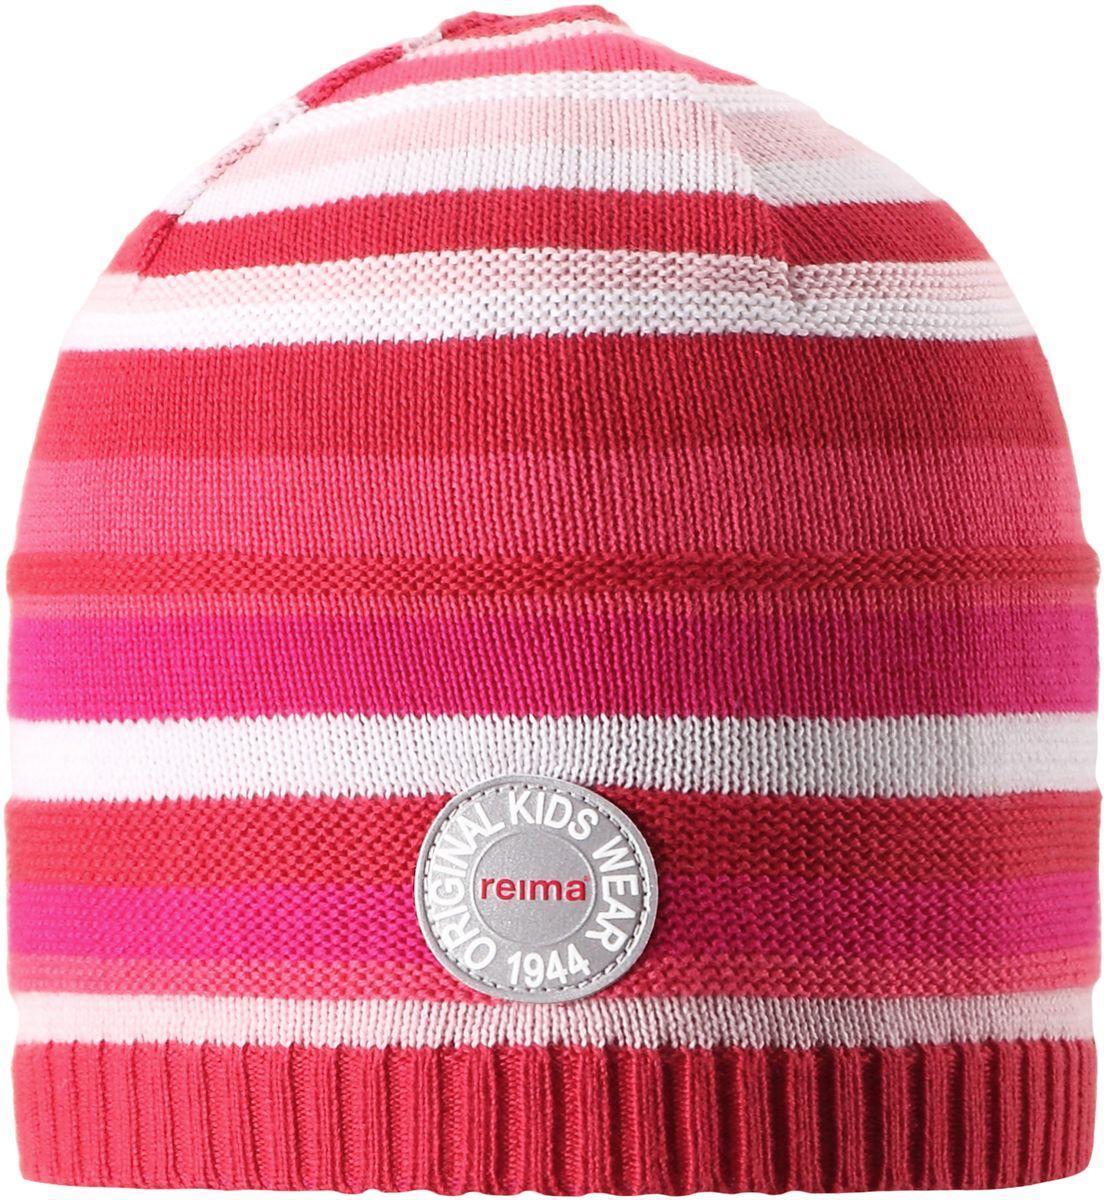 Шапка детская Reima Solmu, цвет: розовый. 5285253360. Размер 525285253360Яркая шапочка для малышей отлично подойдет для первых теплых весенних дней. Она изготовлена из эластичного и легкого вязаного хлопка, мягкого и приятного на ощупь. Ее можно надеть и в детский сад, и на прогулку в парк в солнечный день. Имеется светоотражающая эмблема спереди.